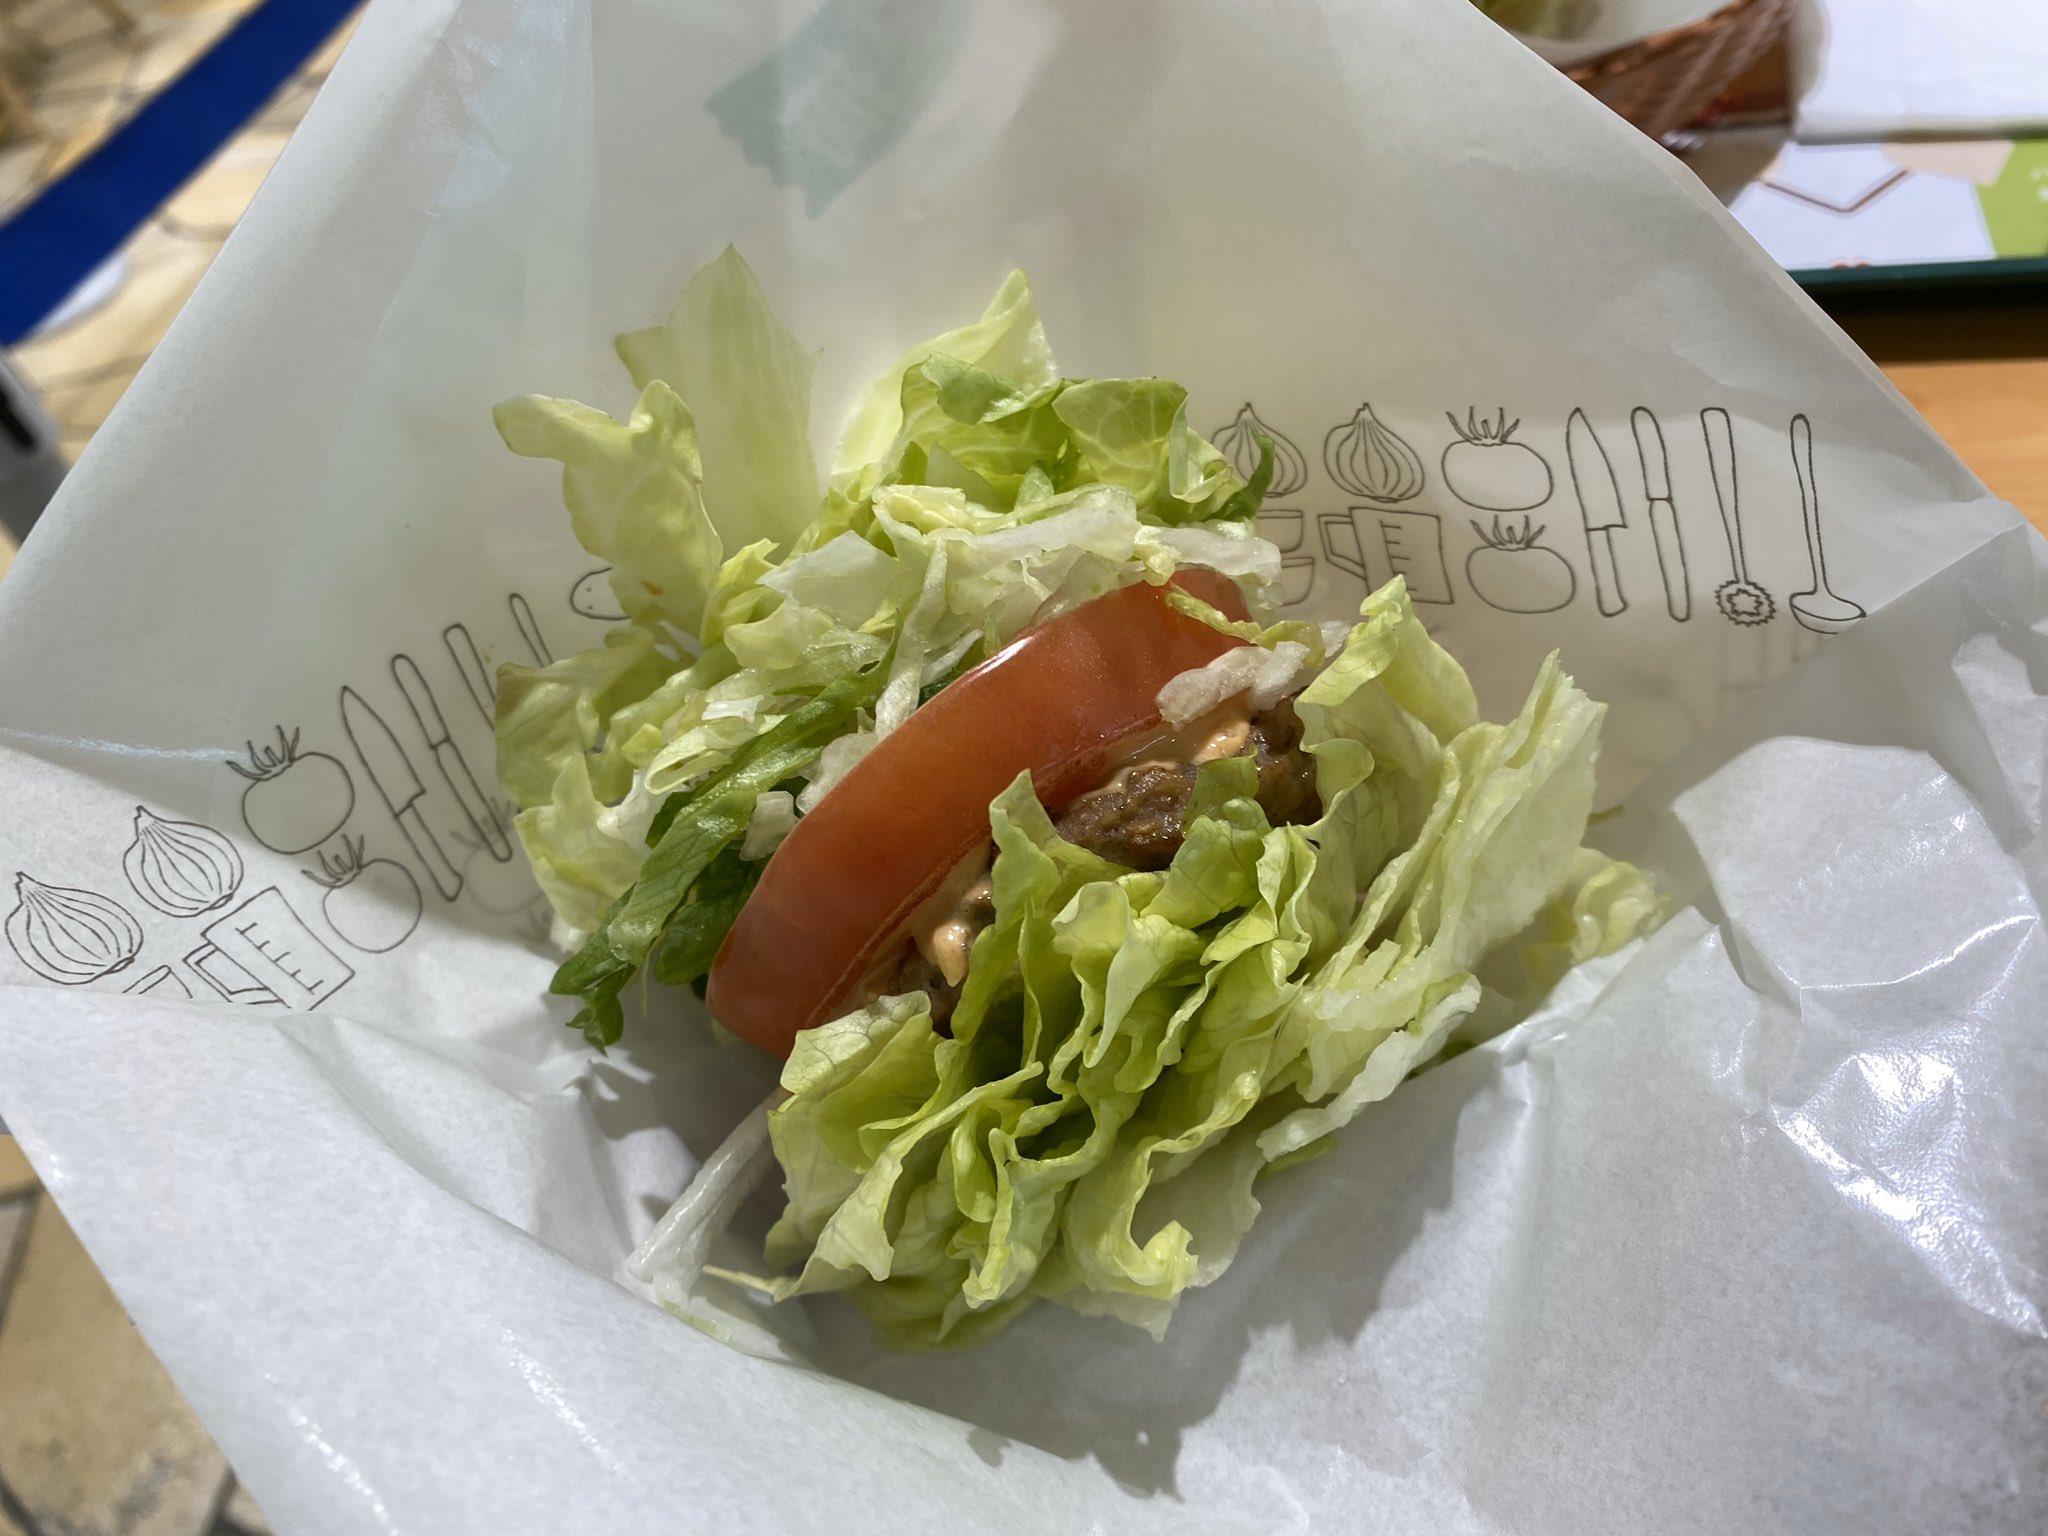 モスバーガーで低糖質の一環か、バーガーのパンズをレタスに変えられるってのがあったからやってみたら想像以上に草になった